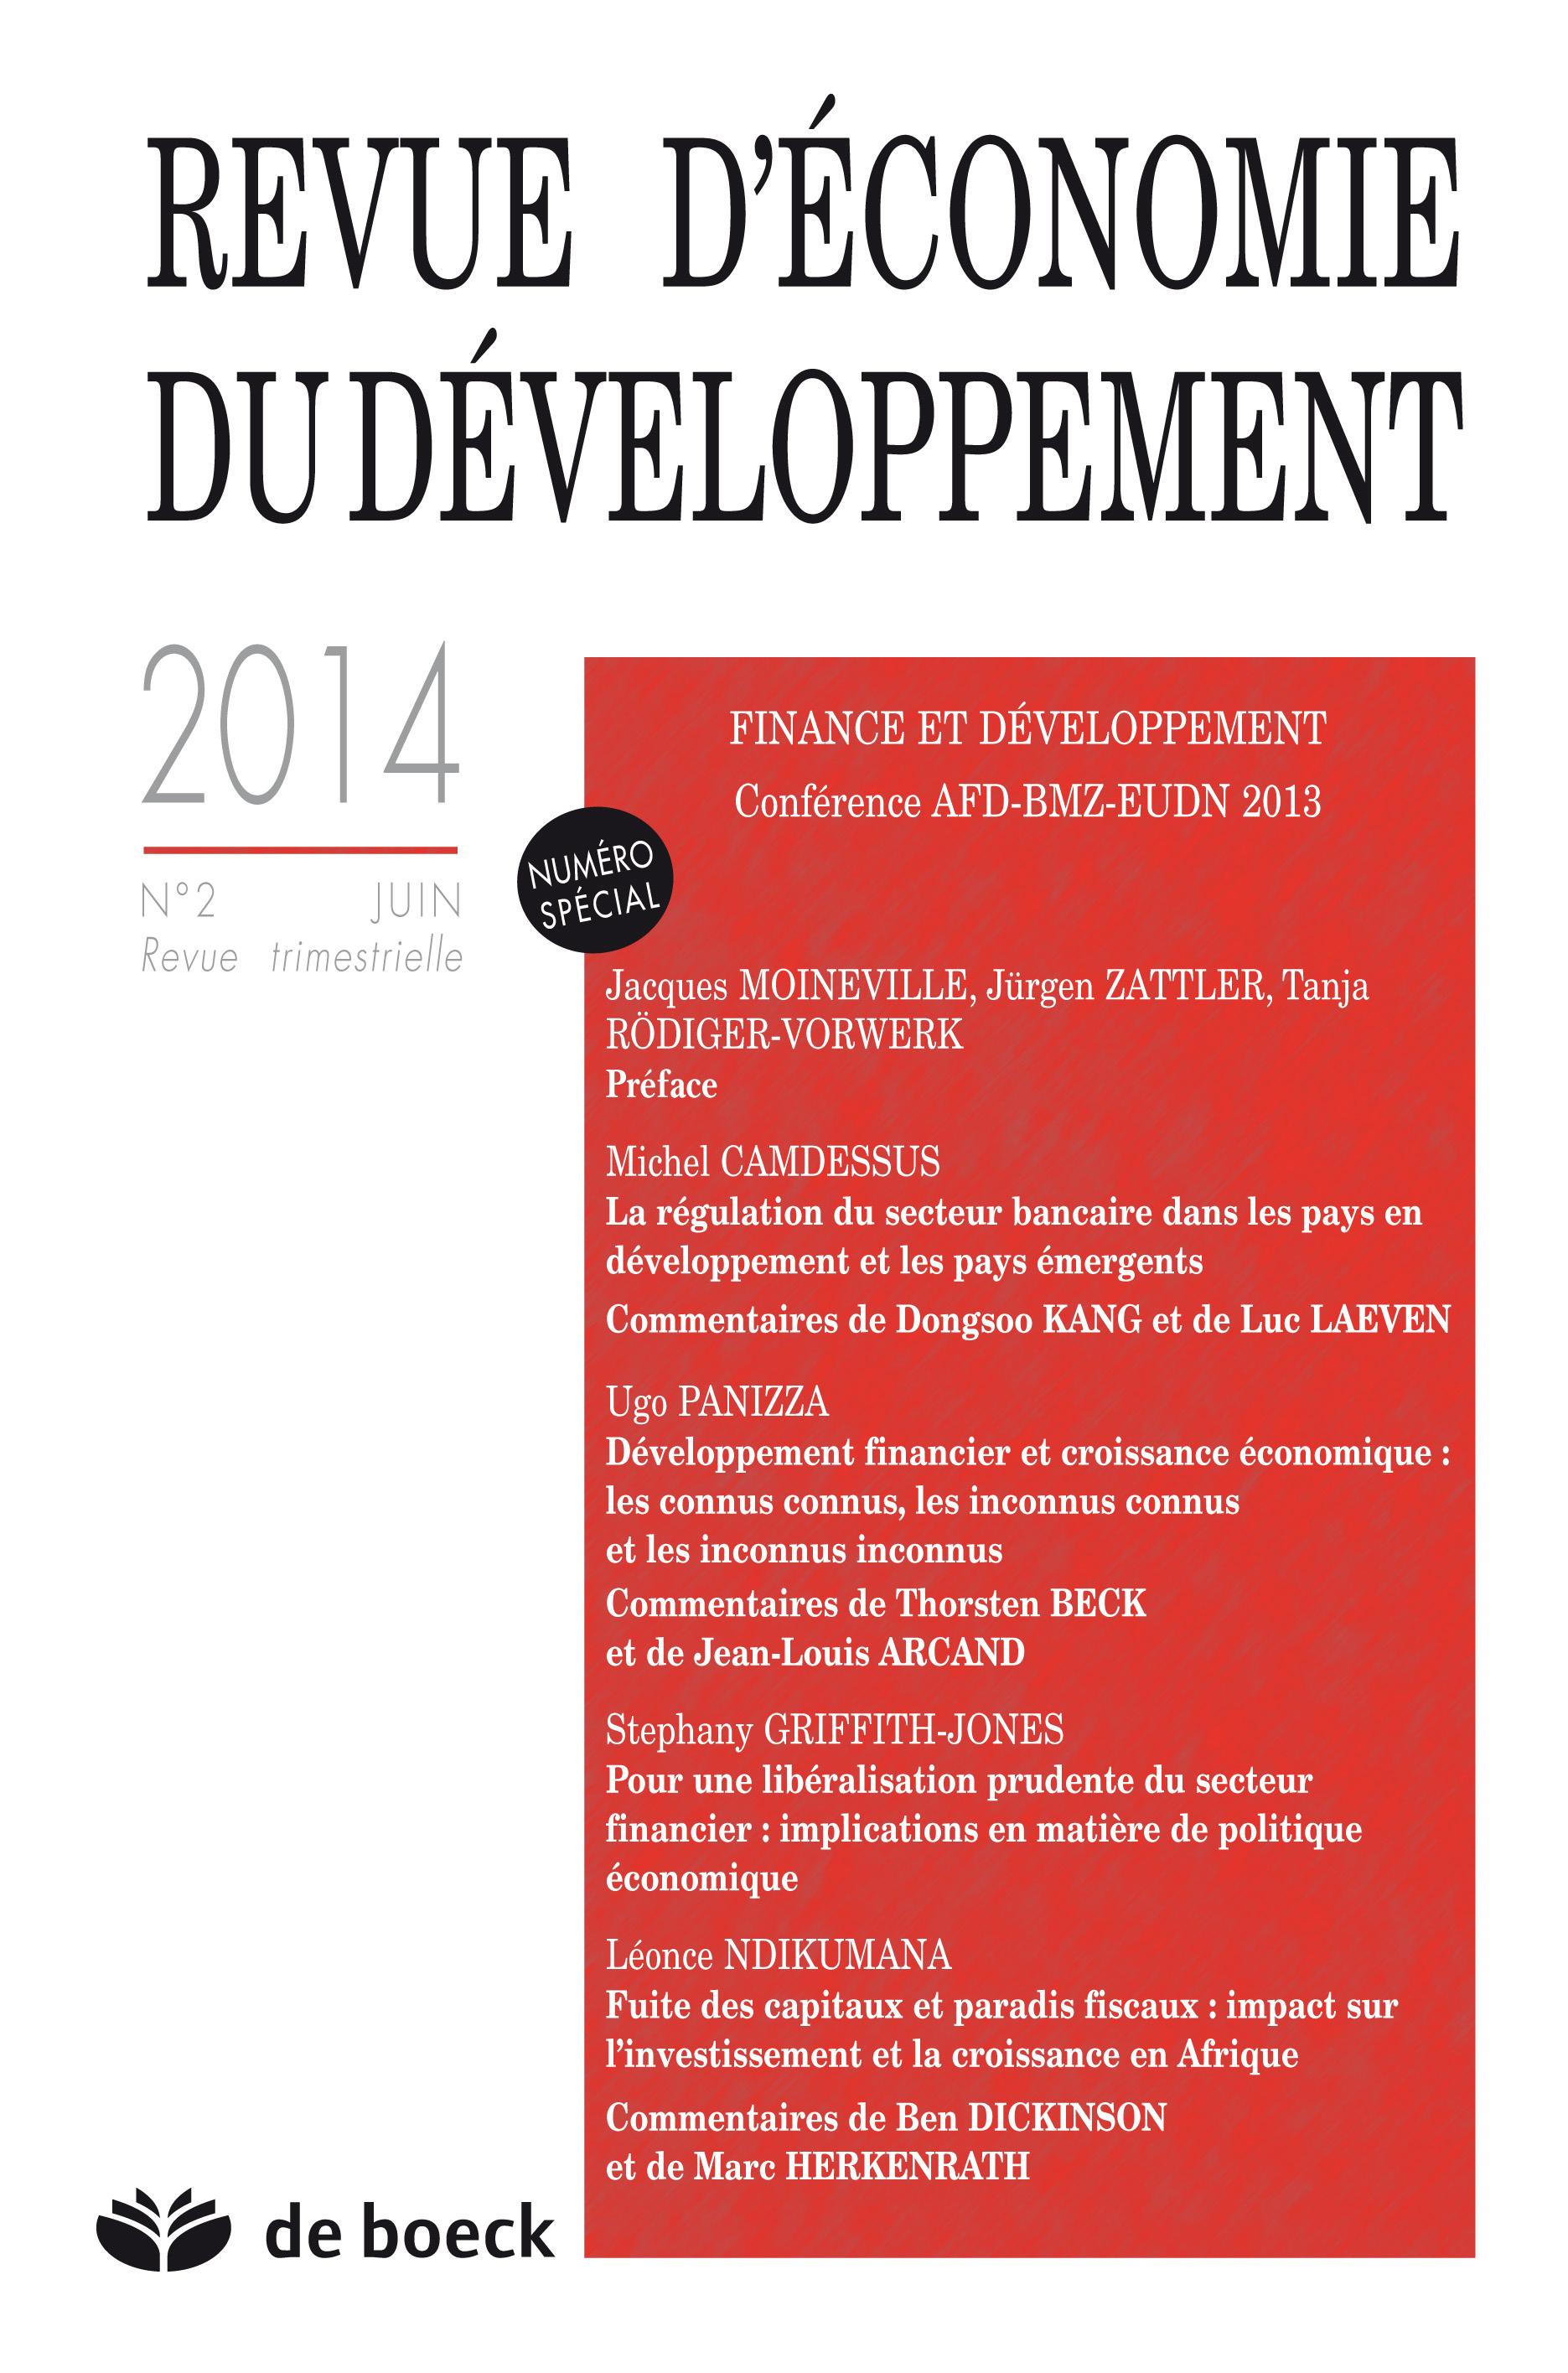 REVUE D'ECONOMIE DU DEVELOPPEMENT 2014/2